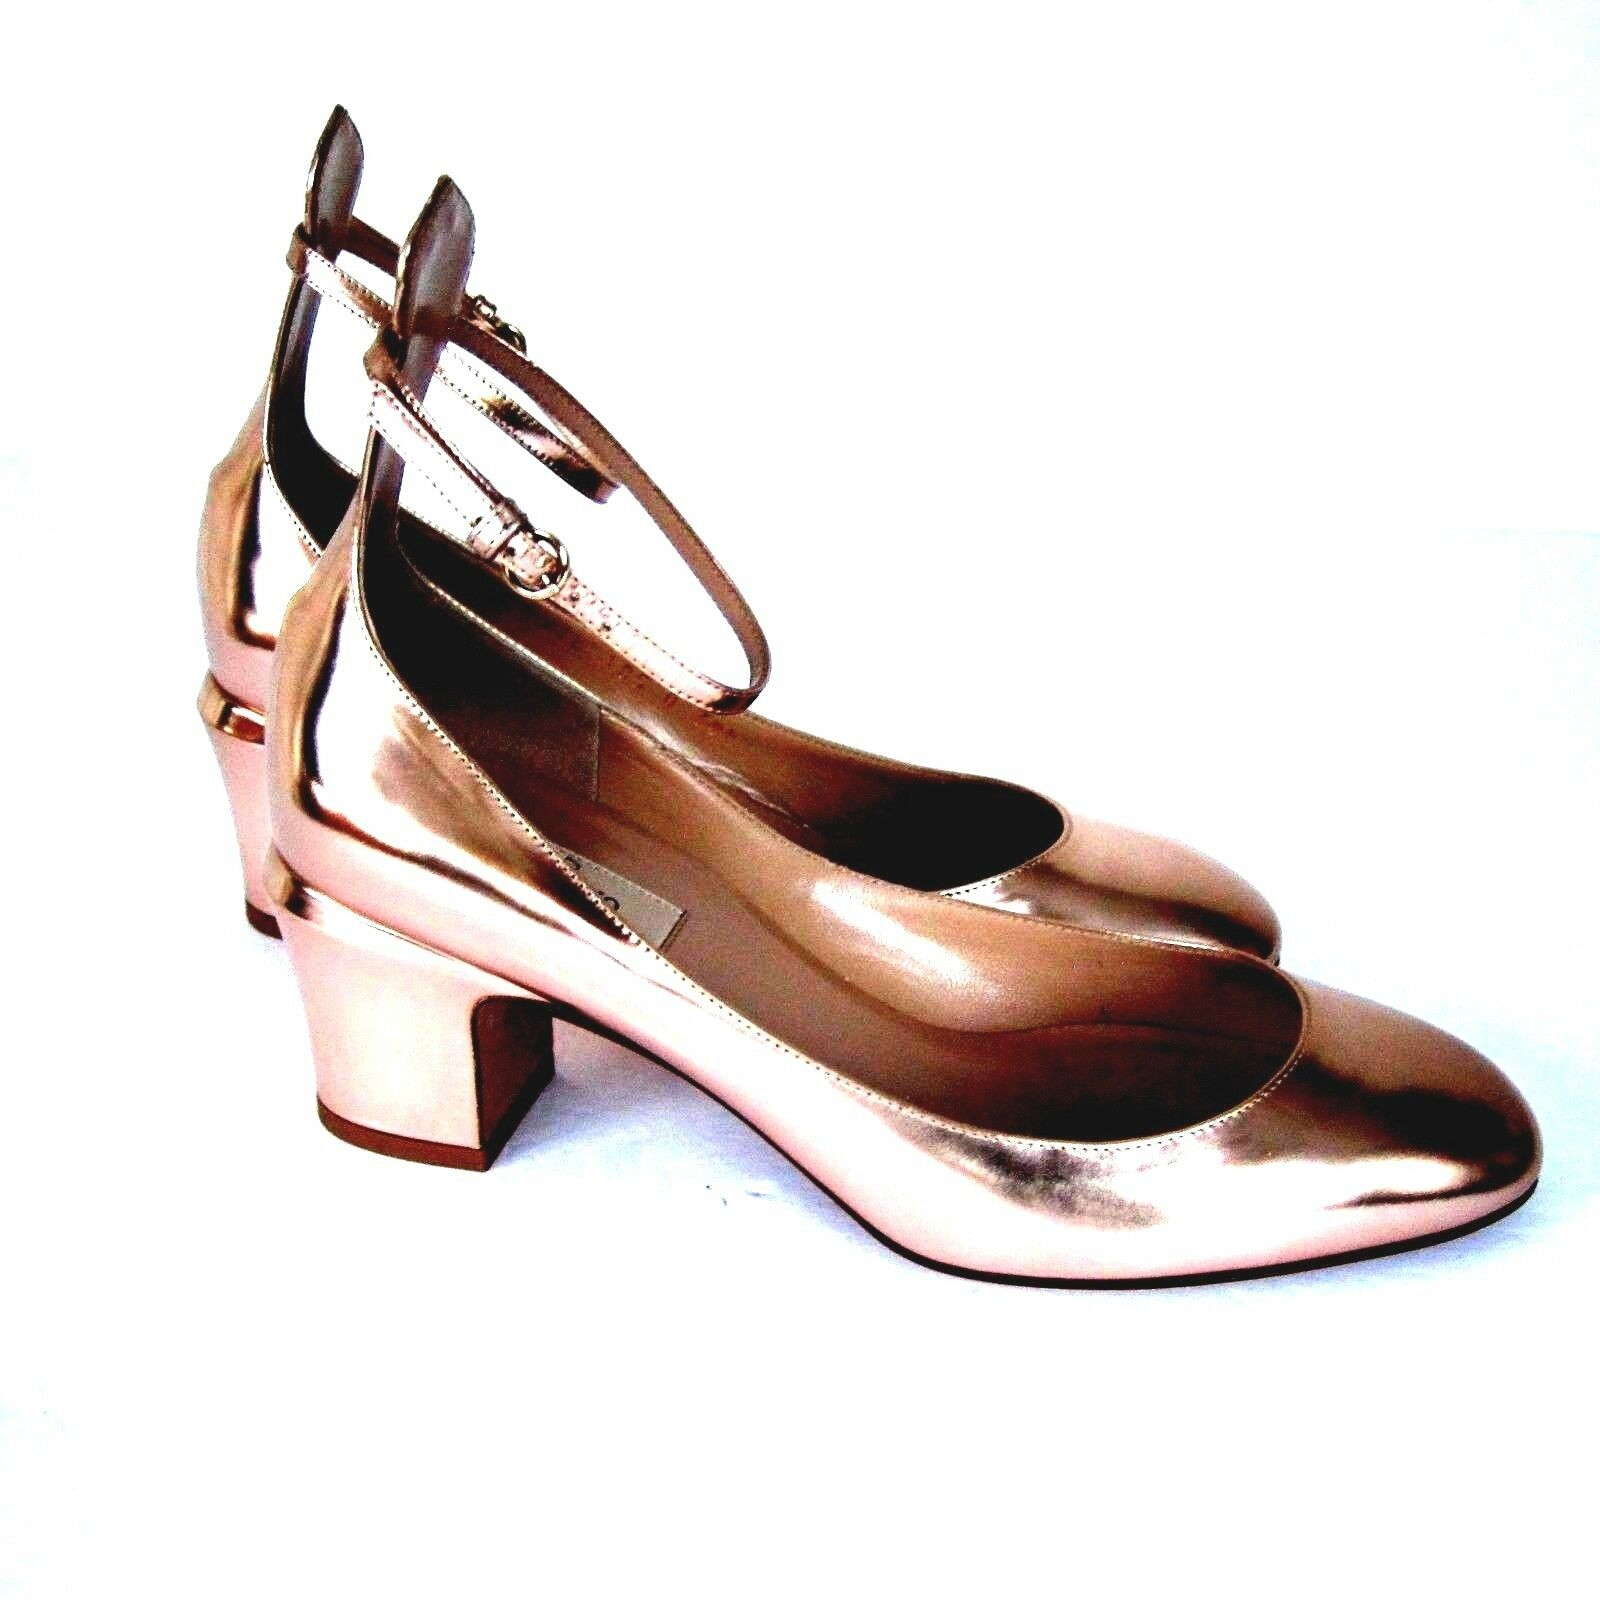 J-2879102 Valentino Garavani Cobre Tango Zapatos De Salón tamaño nos 9 marcado 39